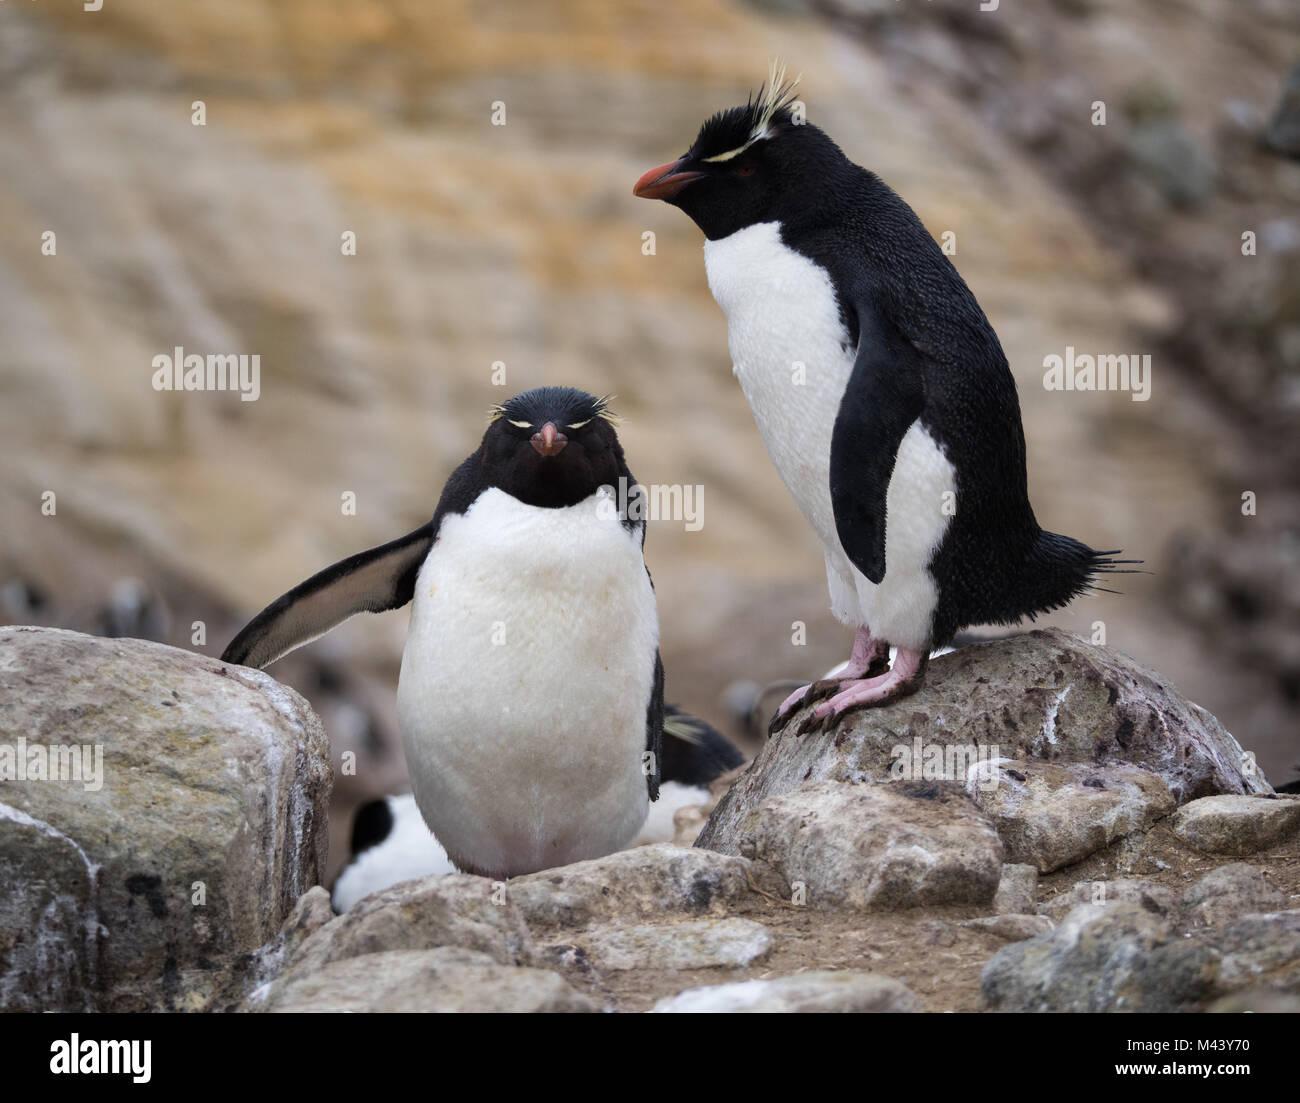 Ein rockhopper penguin Klettern Felsen hinter einem ständigen rockhopper Penguin mit rosa Schwimmhäuten. Stockbild